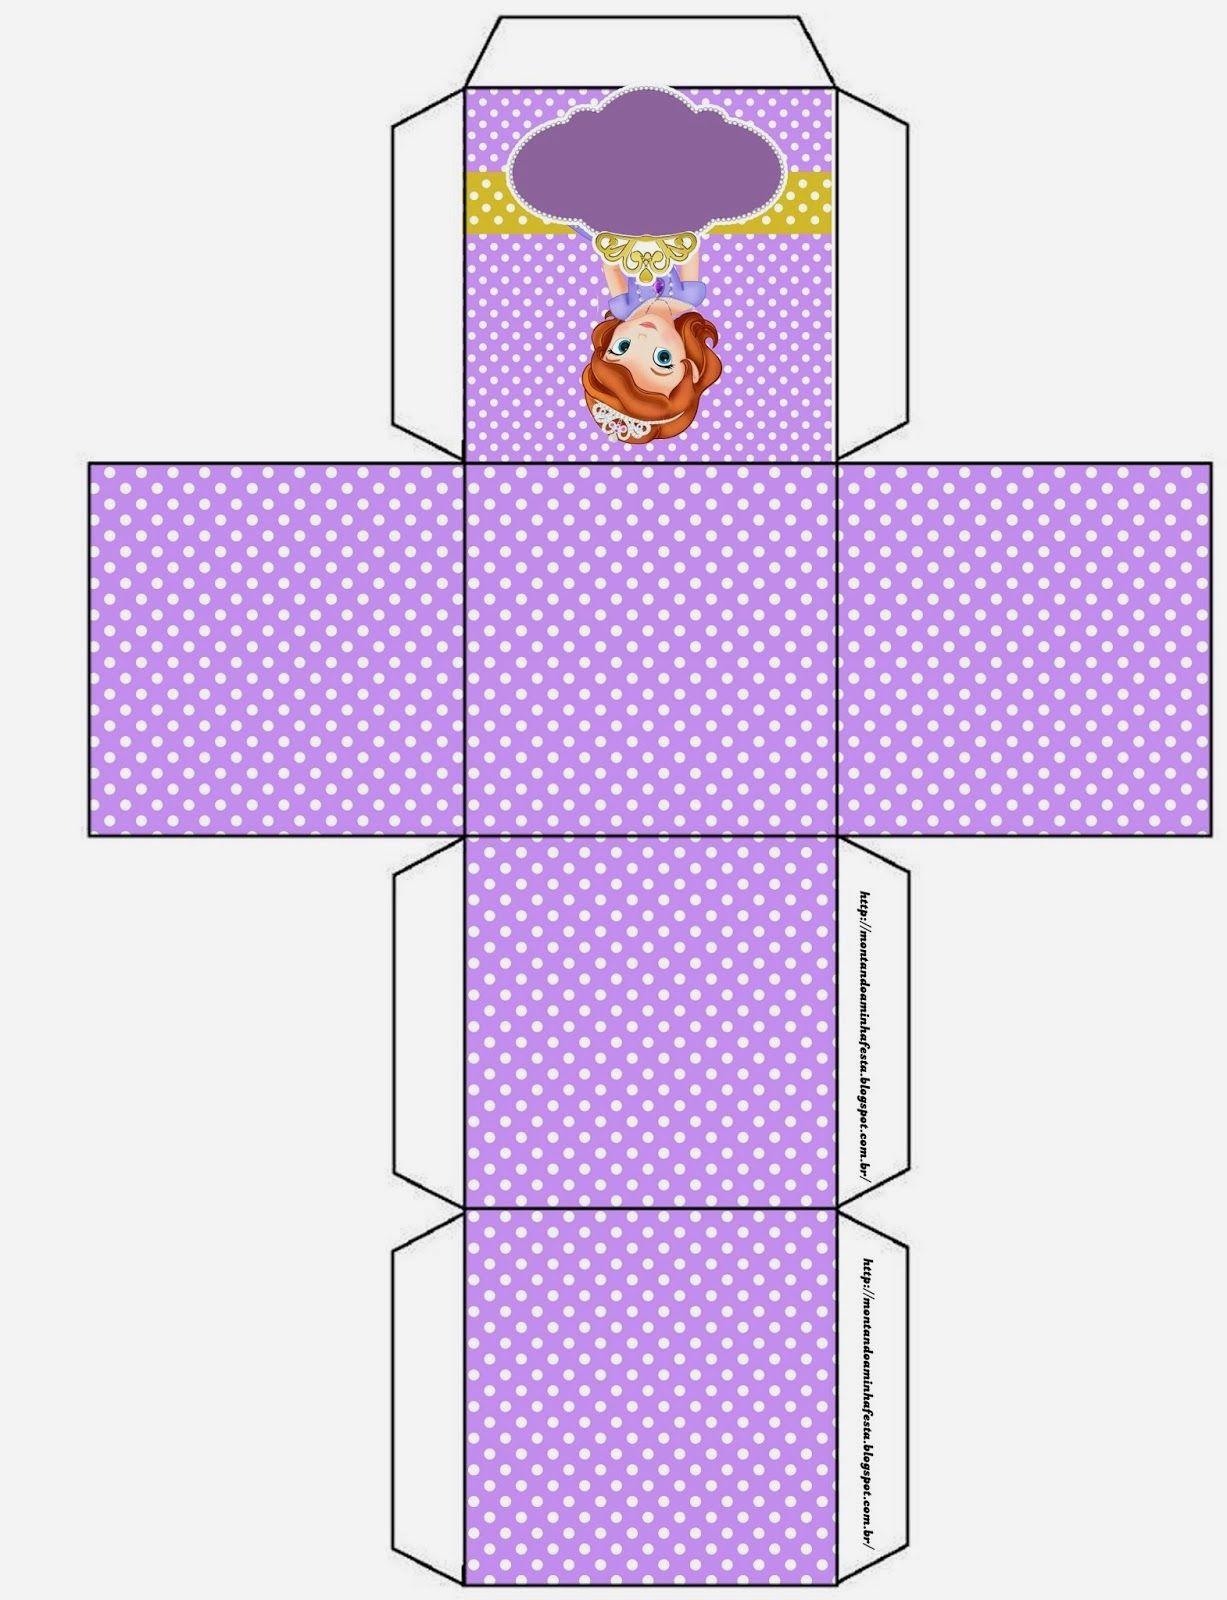 Fiesta de Princesa Sofía: Cajas para Imprimir Gratis. | Ideas y material gratis para fiestas y celebraciones Oh My Fiesta!